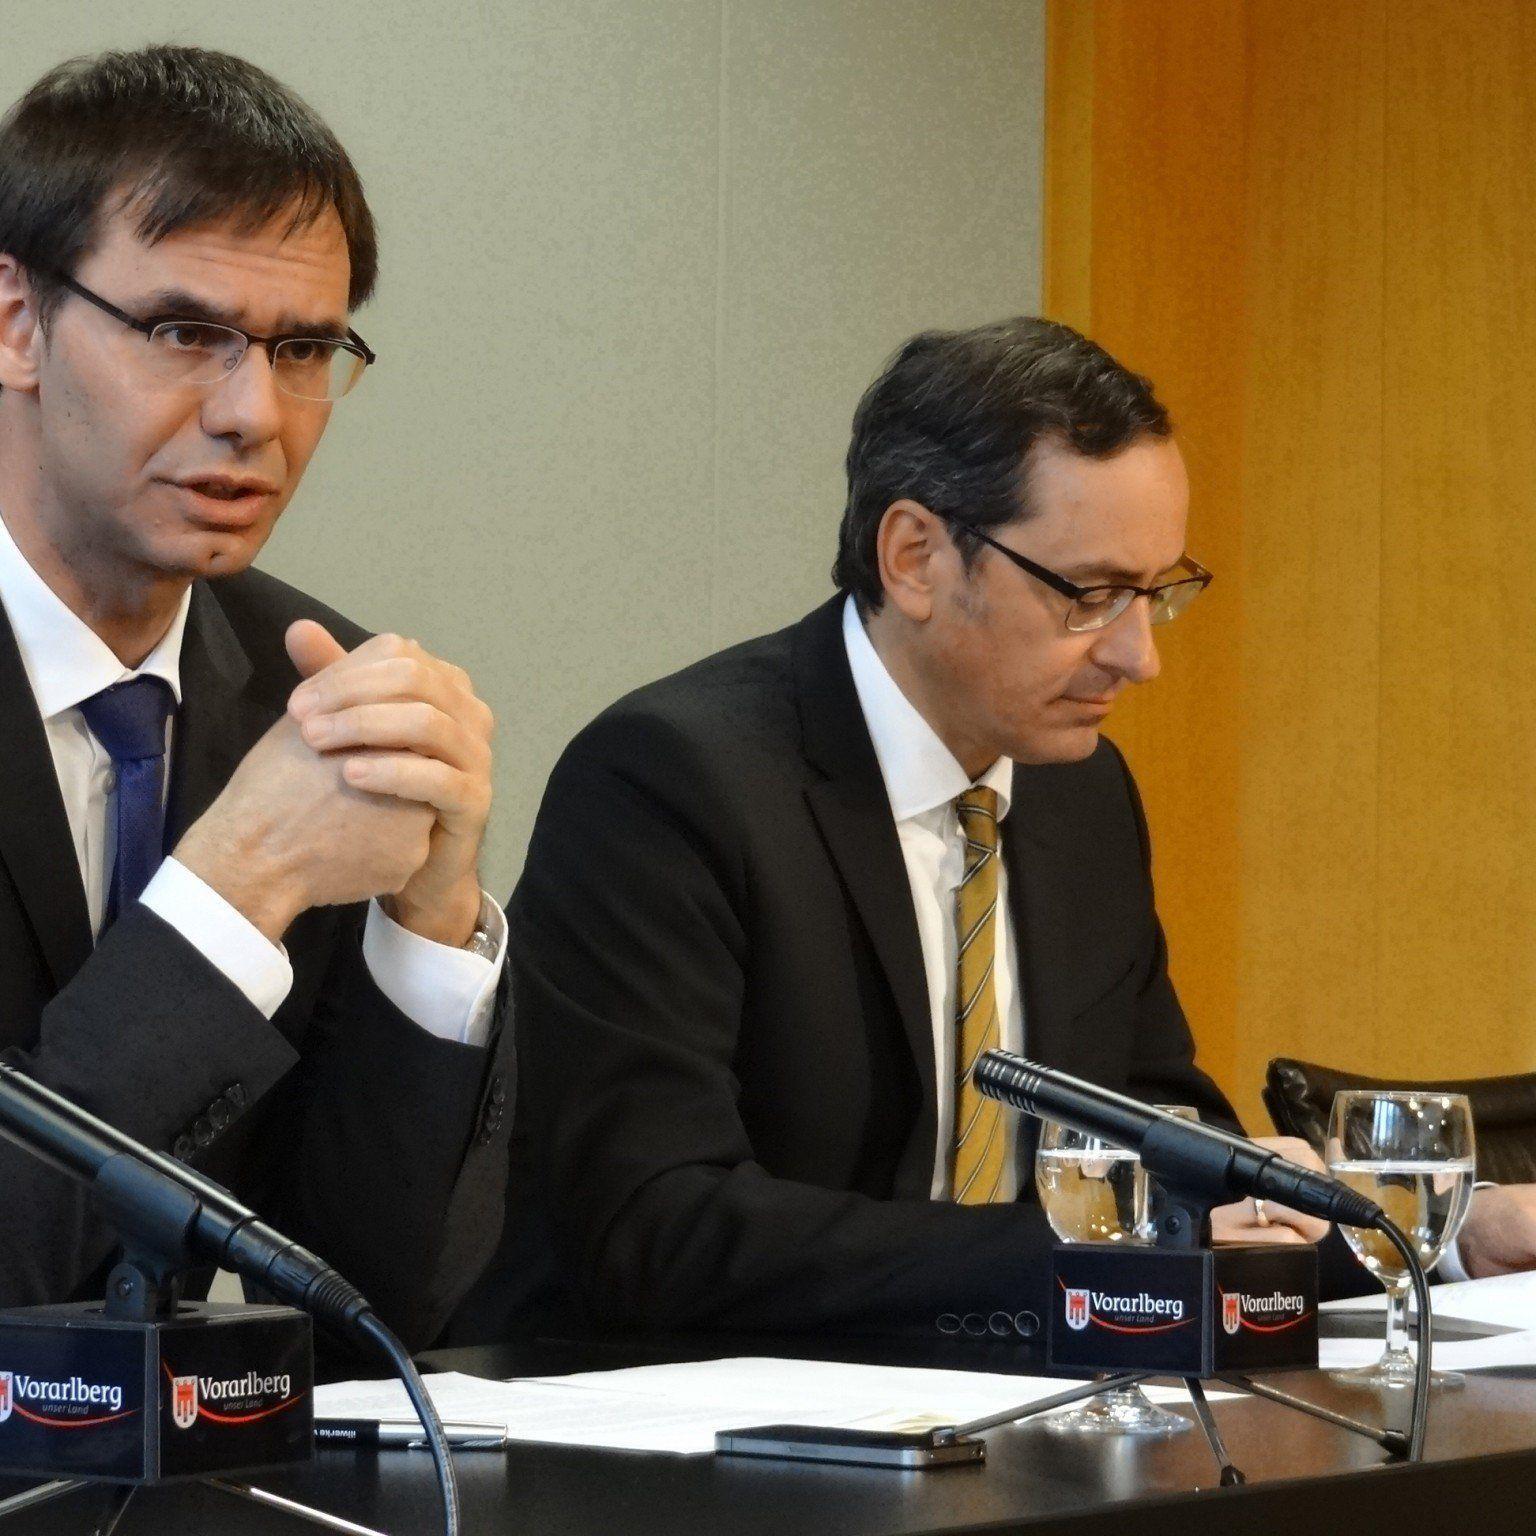 Landeshauptmann Wallner und Vorstandsvorsitzender Grahammer sehen die Bank bestens aufgestellt.